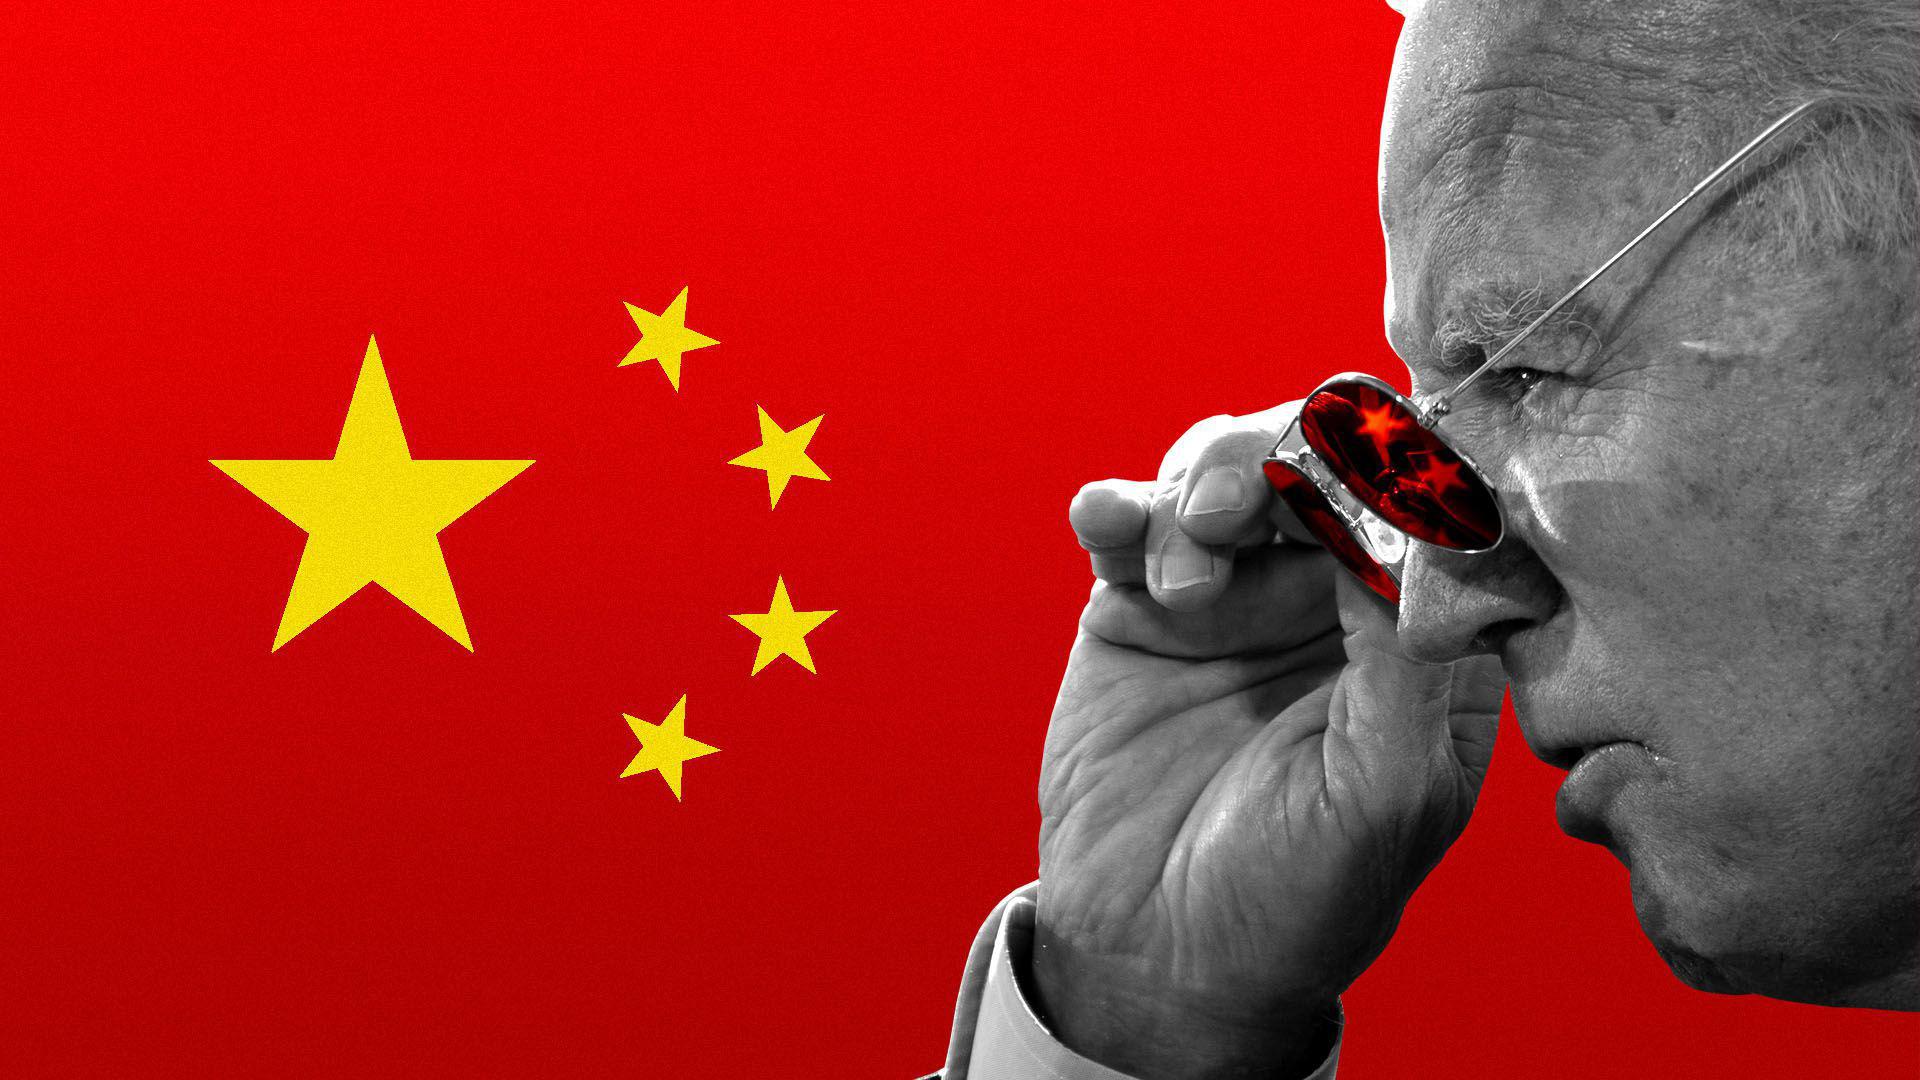 Kế sách mới để Biden chặn đứng tham vọng bành trướng của Trung Quốc tại châu Á - Ảnh 1.